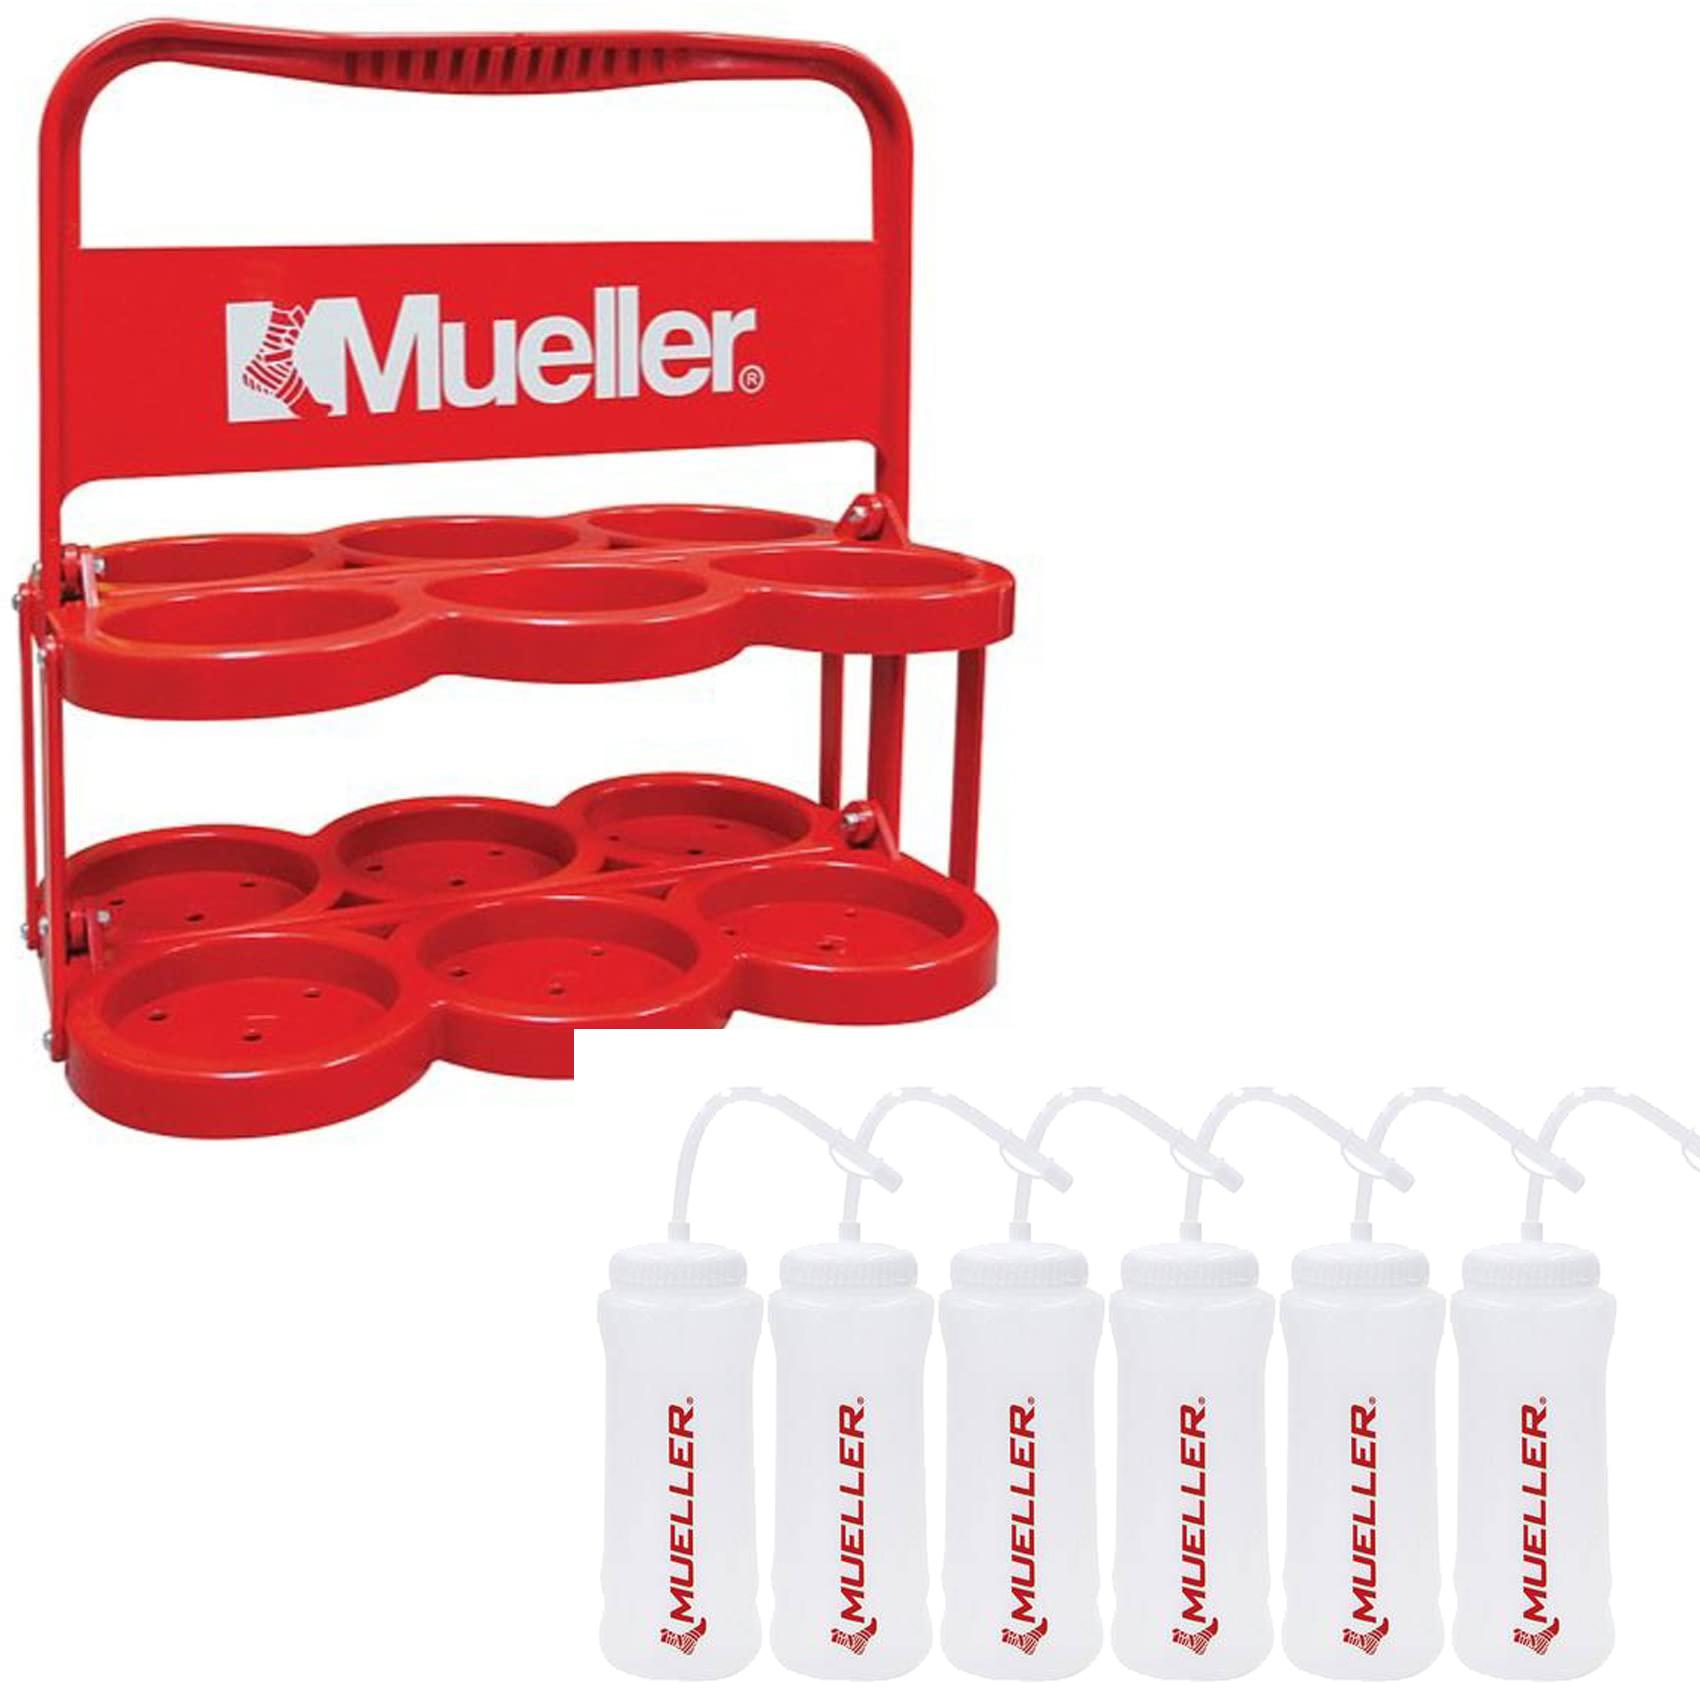 スポーツ 日本 ボトル スポーツドリンク ストロー付 卓抜 キャップ付 キャリーケース 防暑 熱中症 ウォーターボトルキャリーとシュアショットボトル6本セットレッド919129M-6SET-919000 よりどり3個以上で各200円引き ミューラー 送料無料 水分補給 定番 予防 Mueller